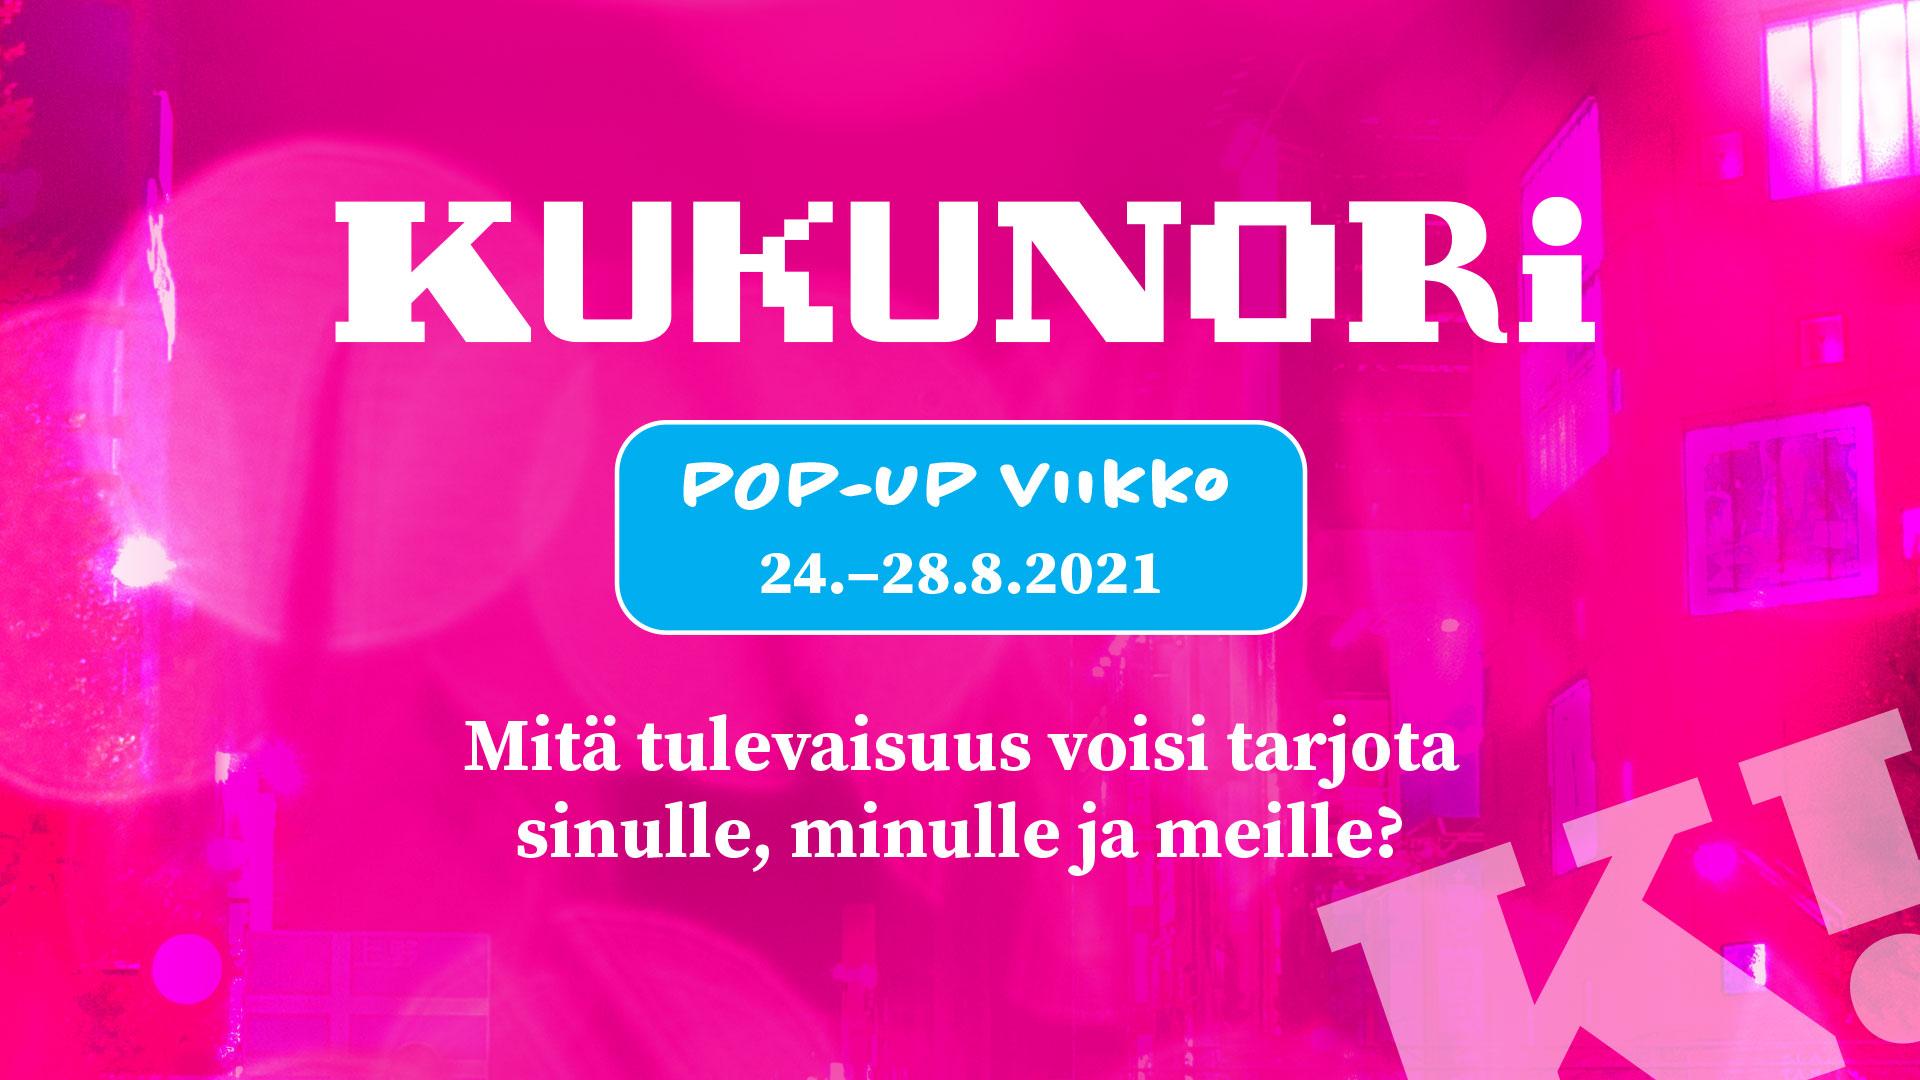 Magendan päällä teksti: pop-up viikko 24-28.8. Mitä tulevaisuus voisi tarjota sinulle, minulle ja meille?